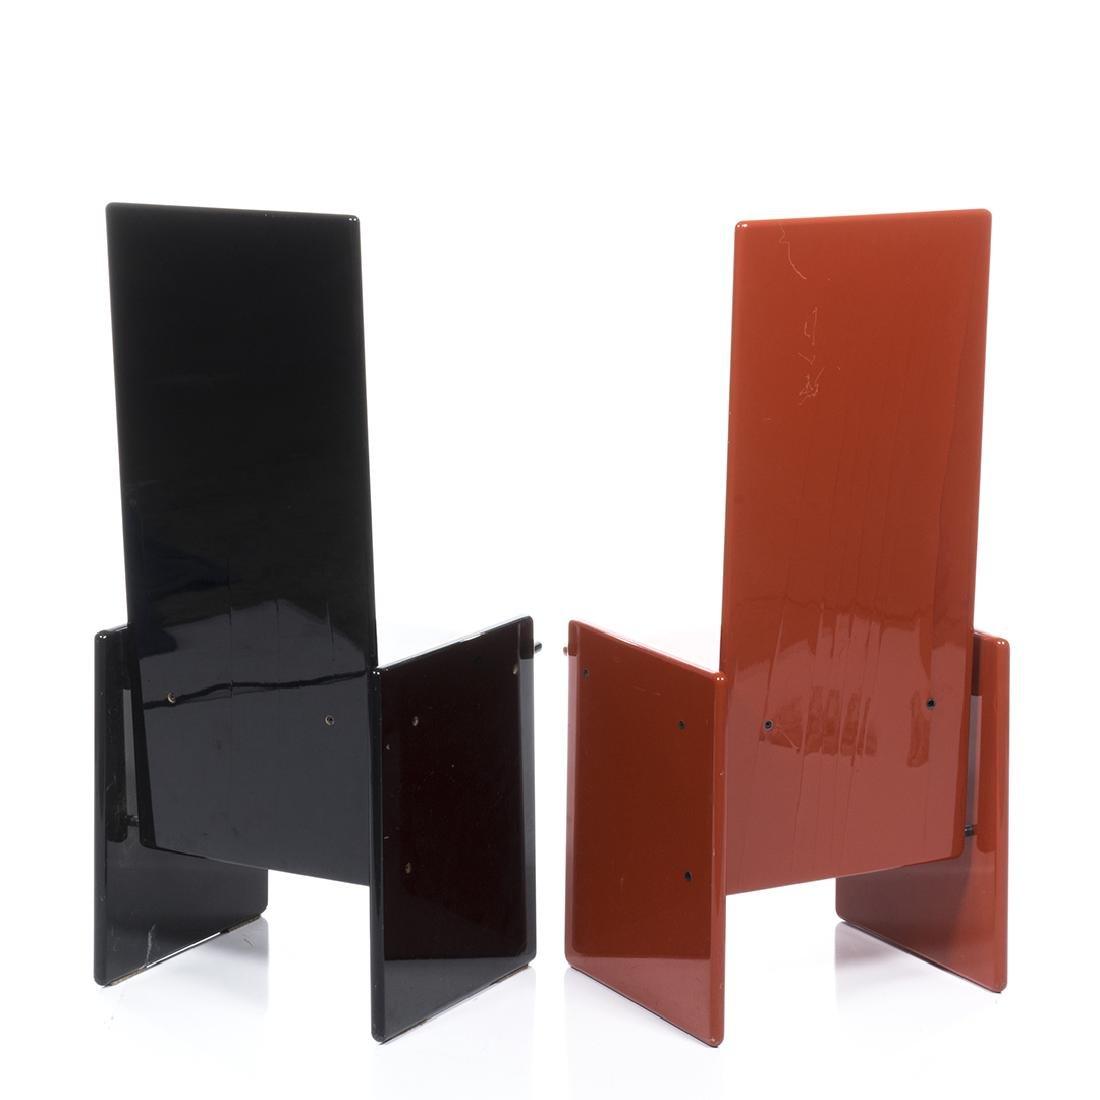 Kazuhide Takahama Kazuki Chairs (2) - 3